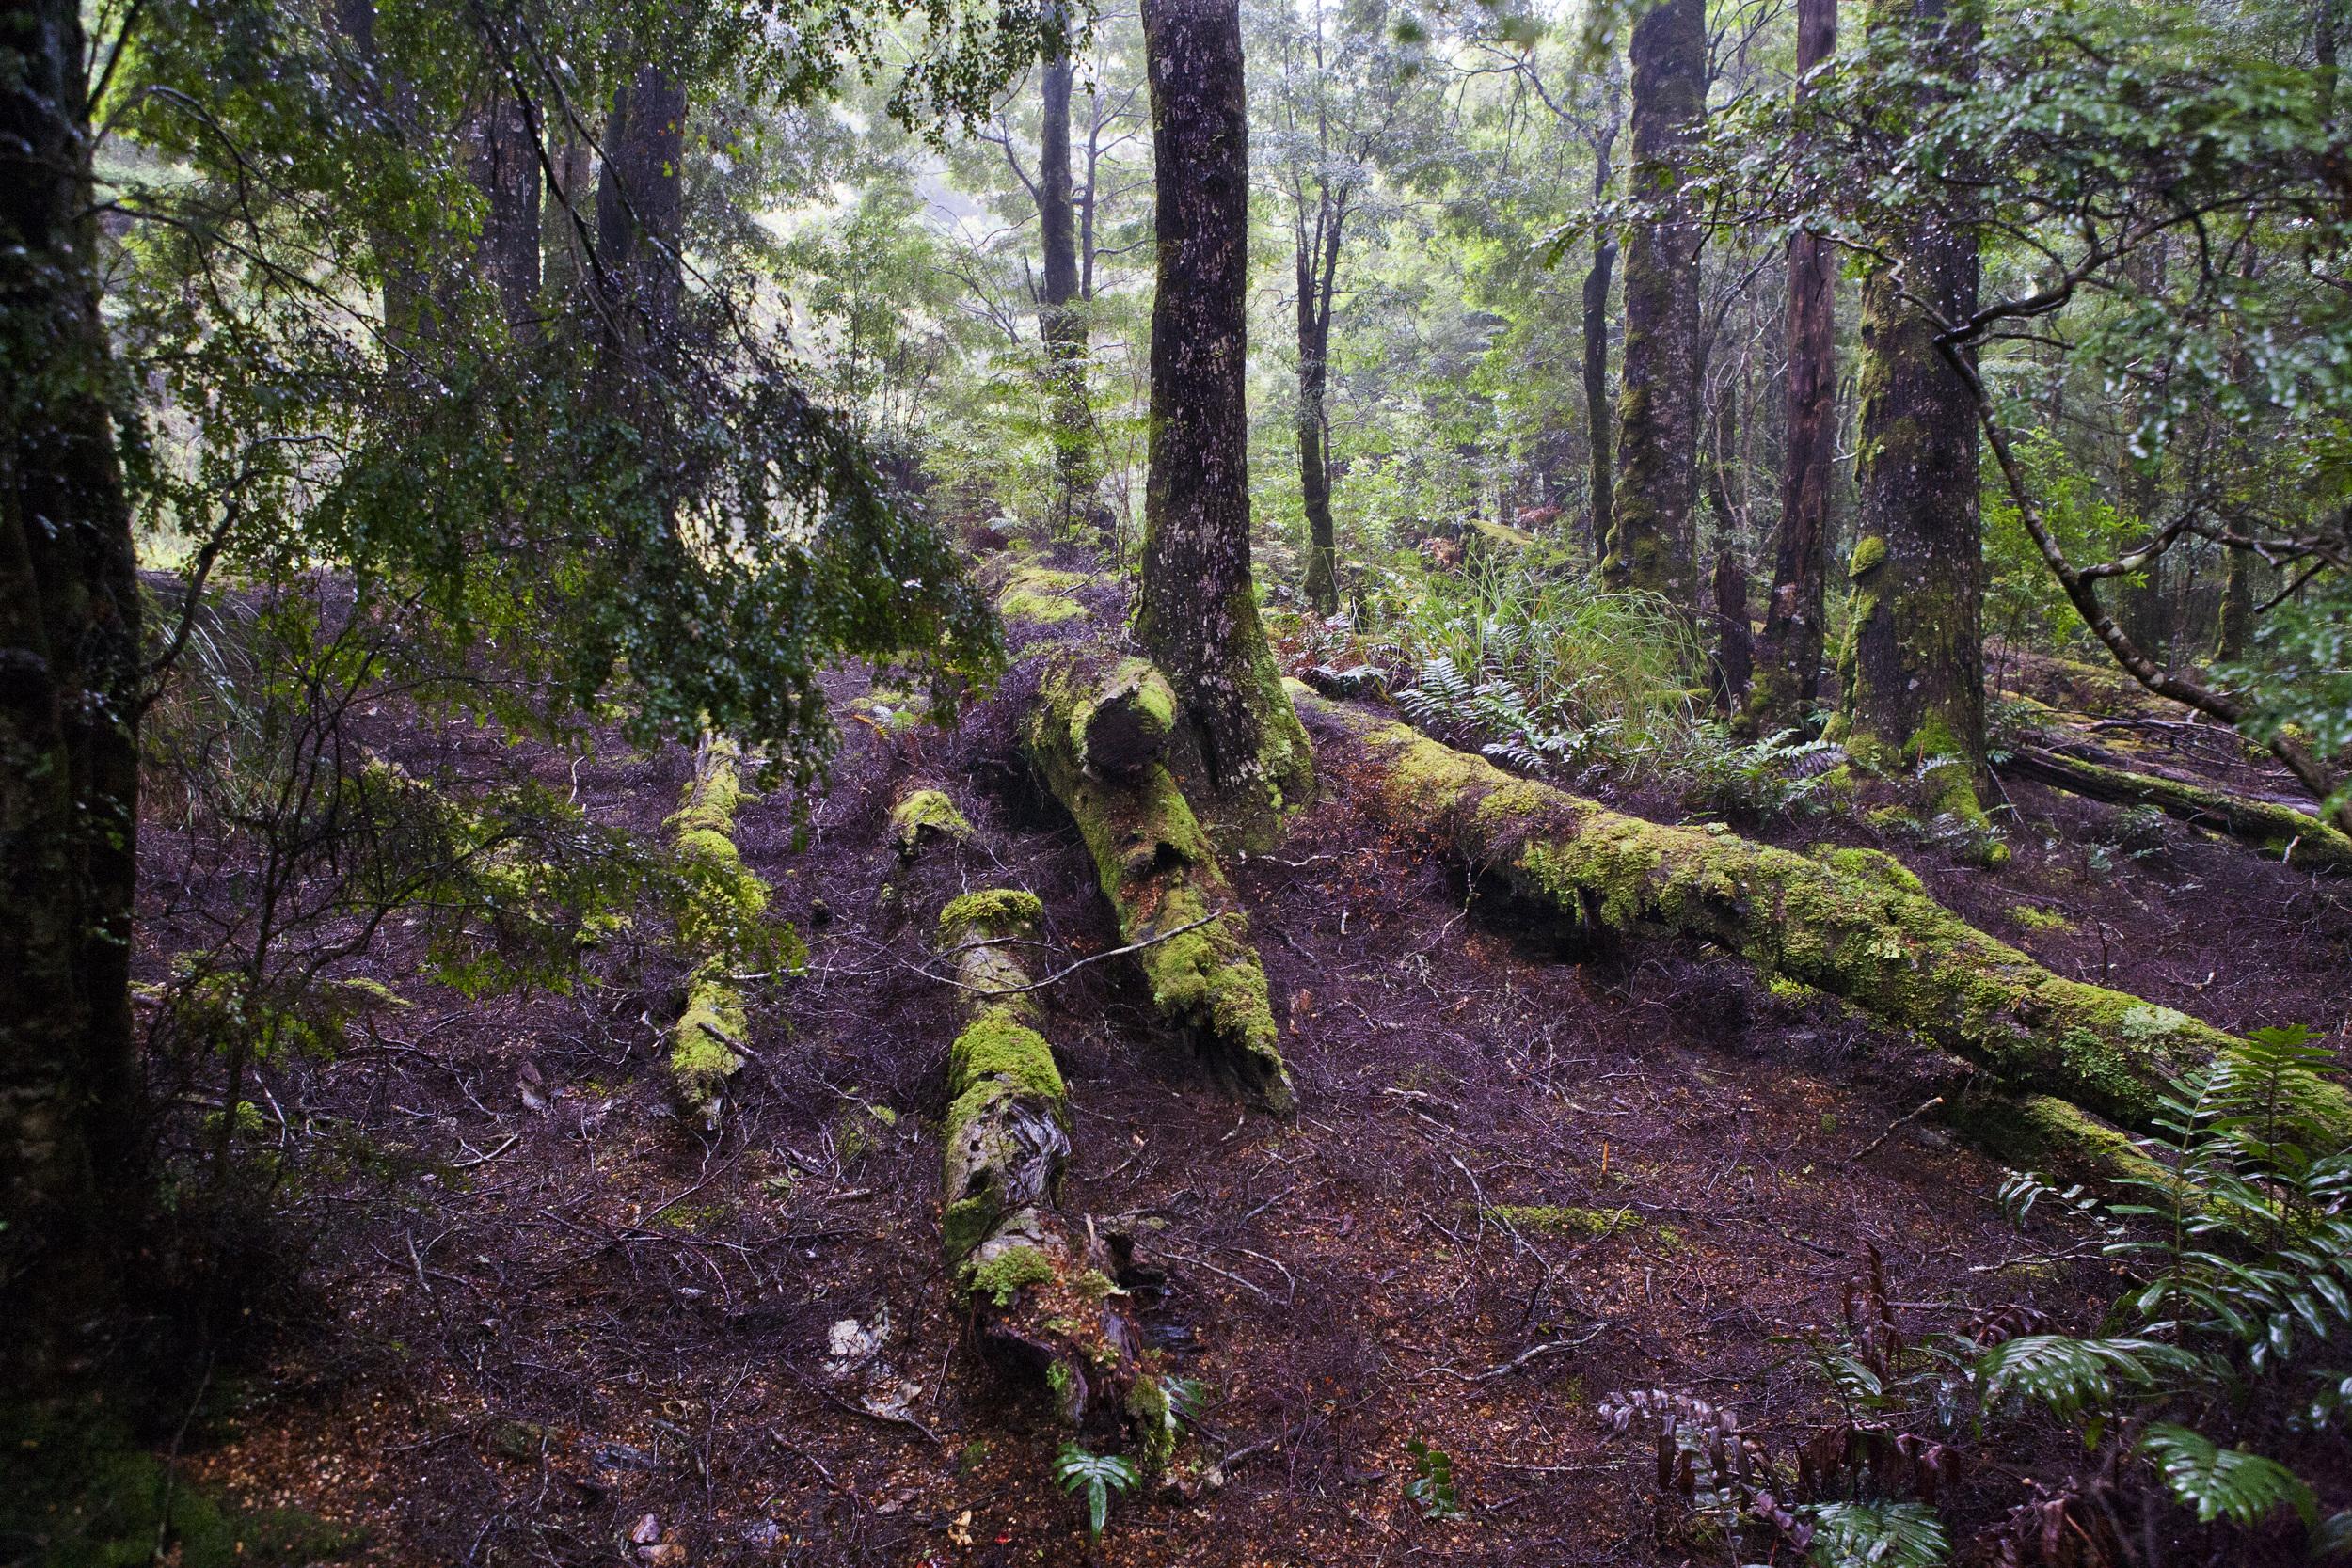 Forest Floor Tazmania